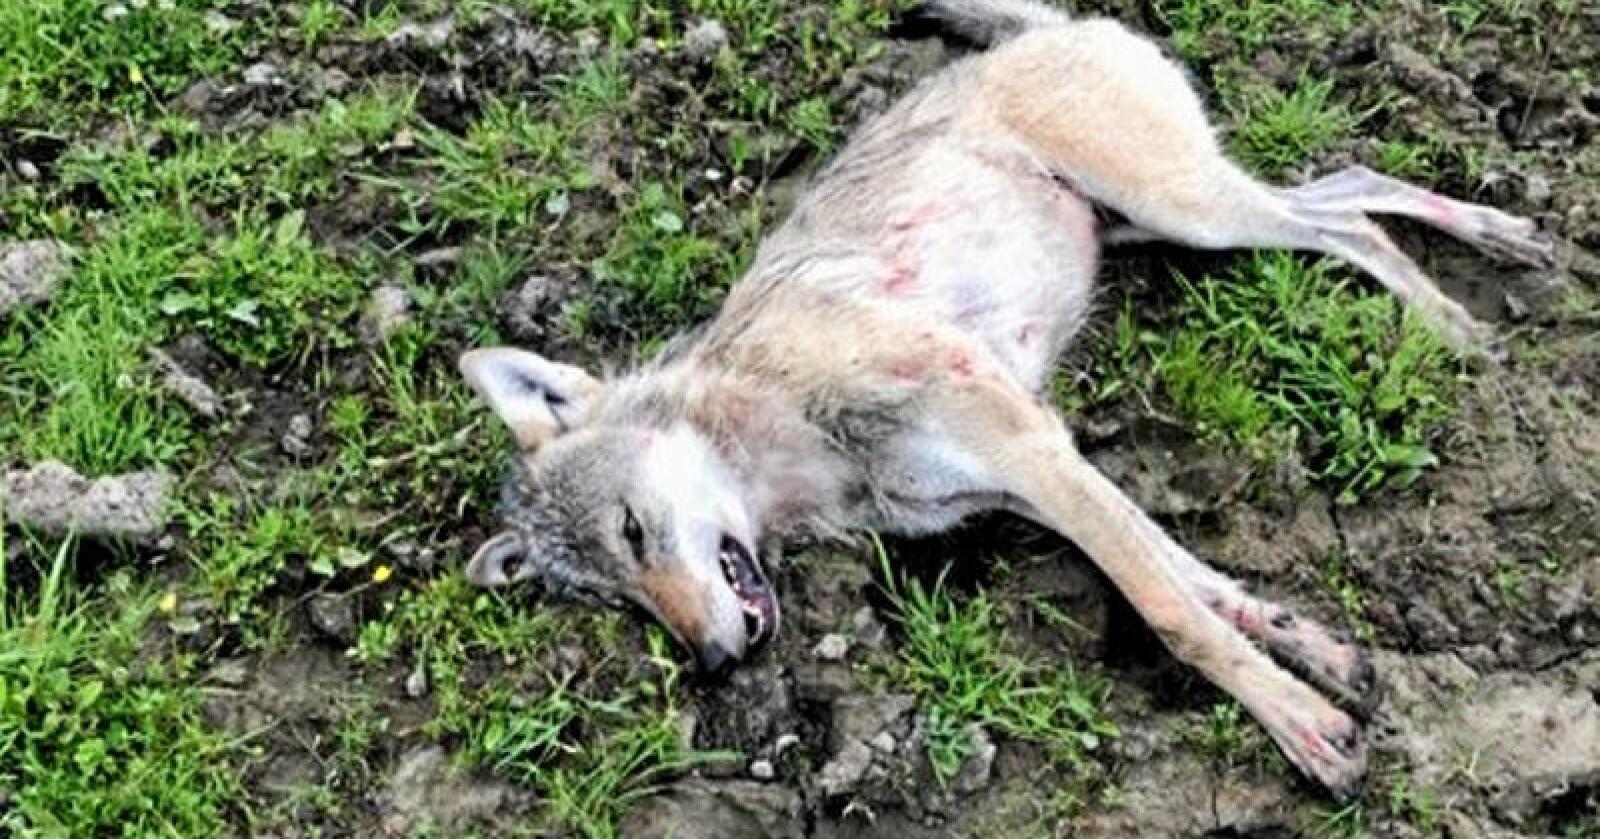 Ulven som ble skutt av en bonde i Sør-Odal tirsdag. Foto: Politiet i Innlandet